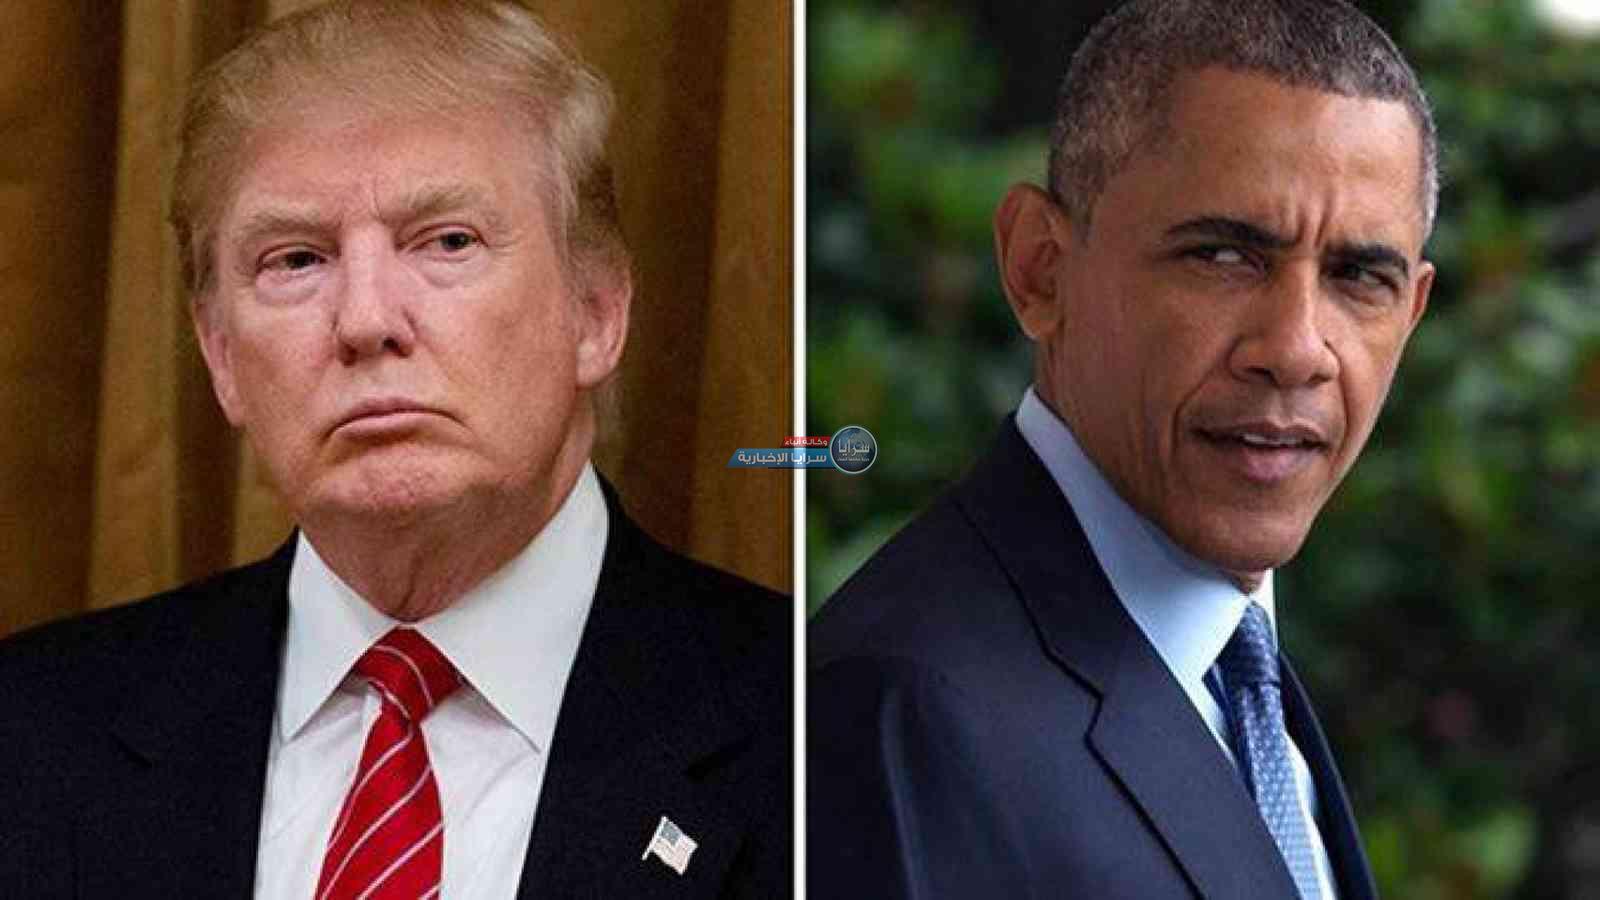 الكشف عمّا دار بين أوباما وترامب داخل السيارة يوم تنصيب الأخير رئيسا لأمريكا